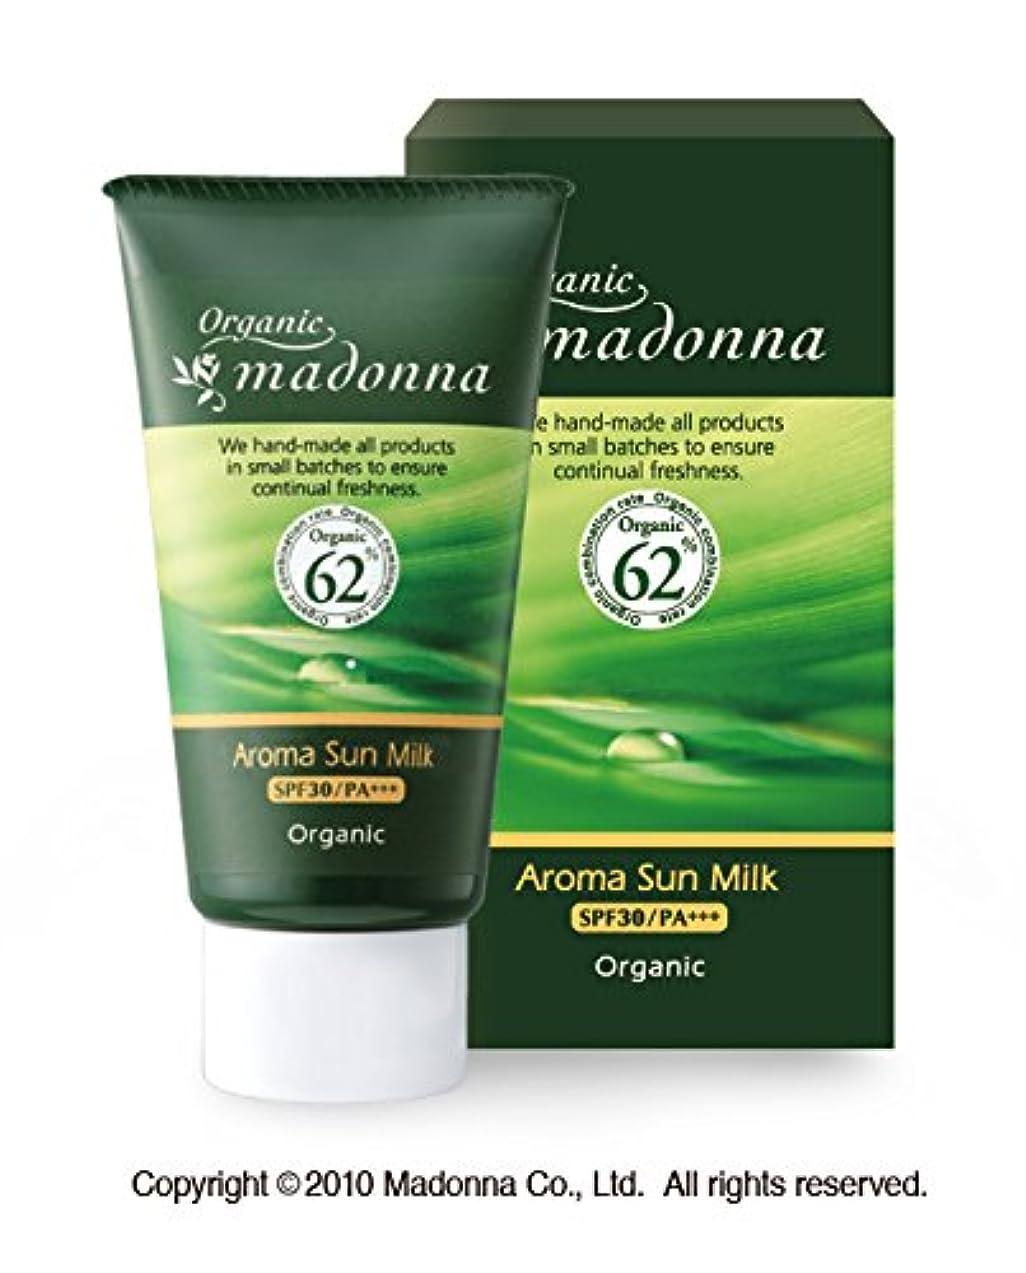 セブン親愛な少年オーガニックマドンナ アロマサンミルク45g(SPF30/PA+++)<オーガニック62%配合>